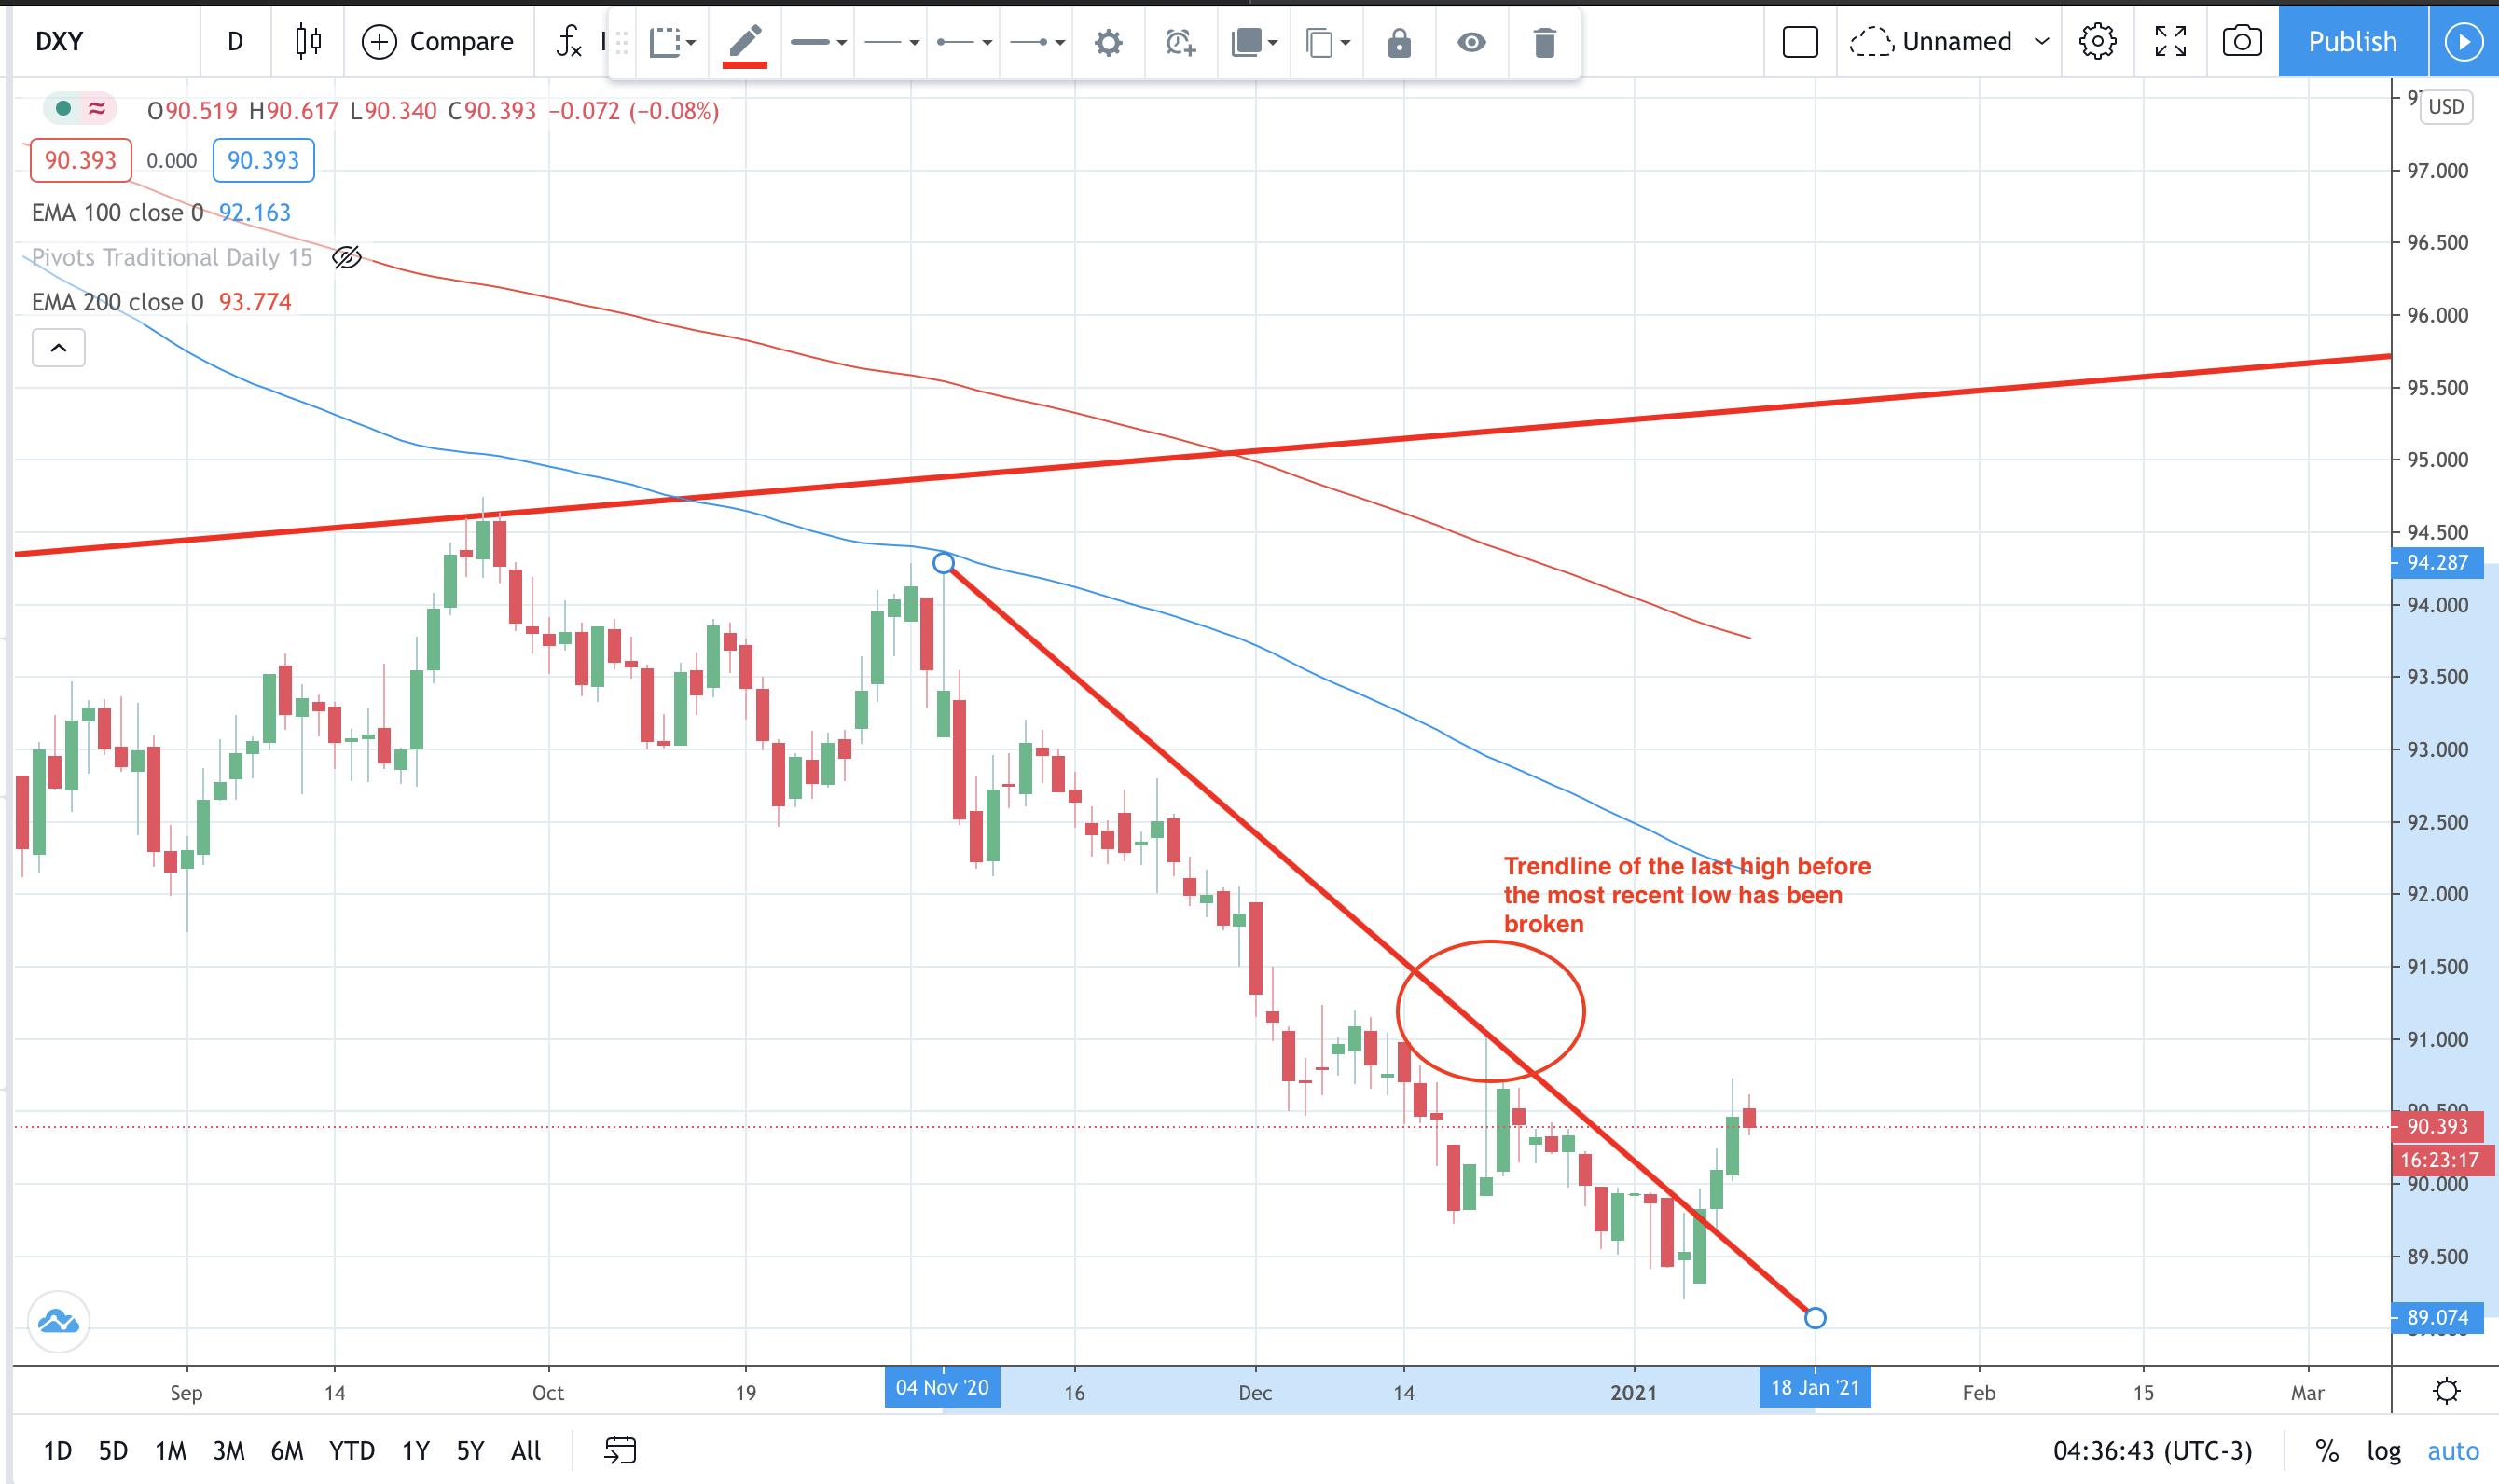 USD pullback